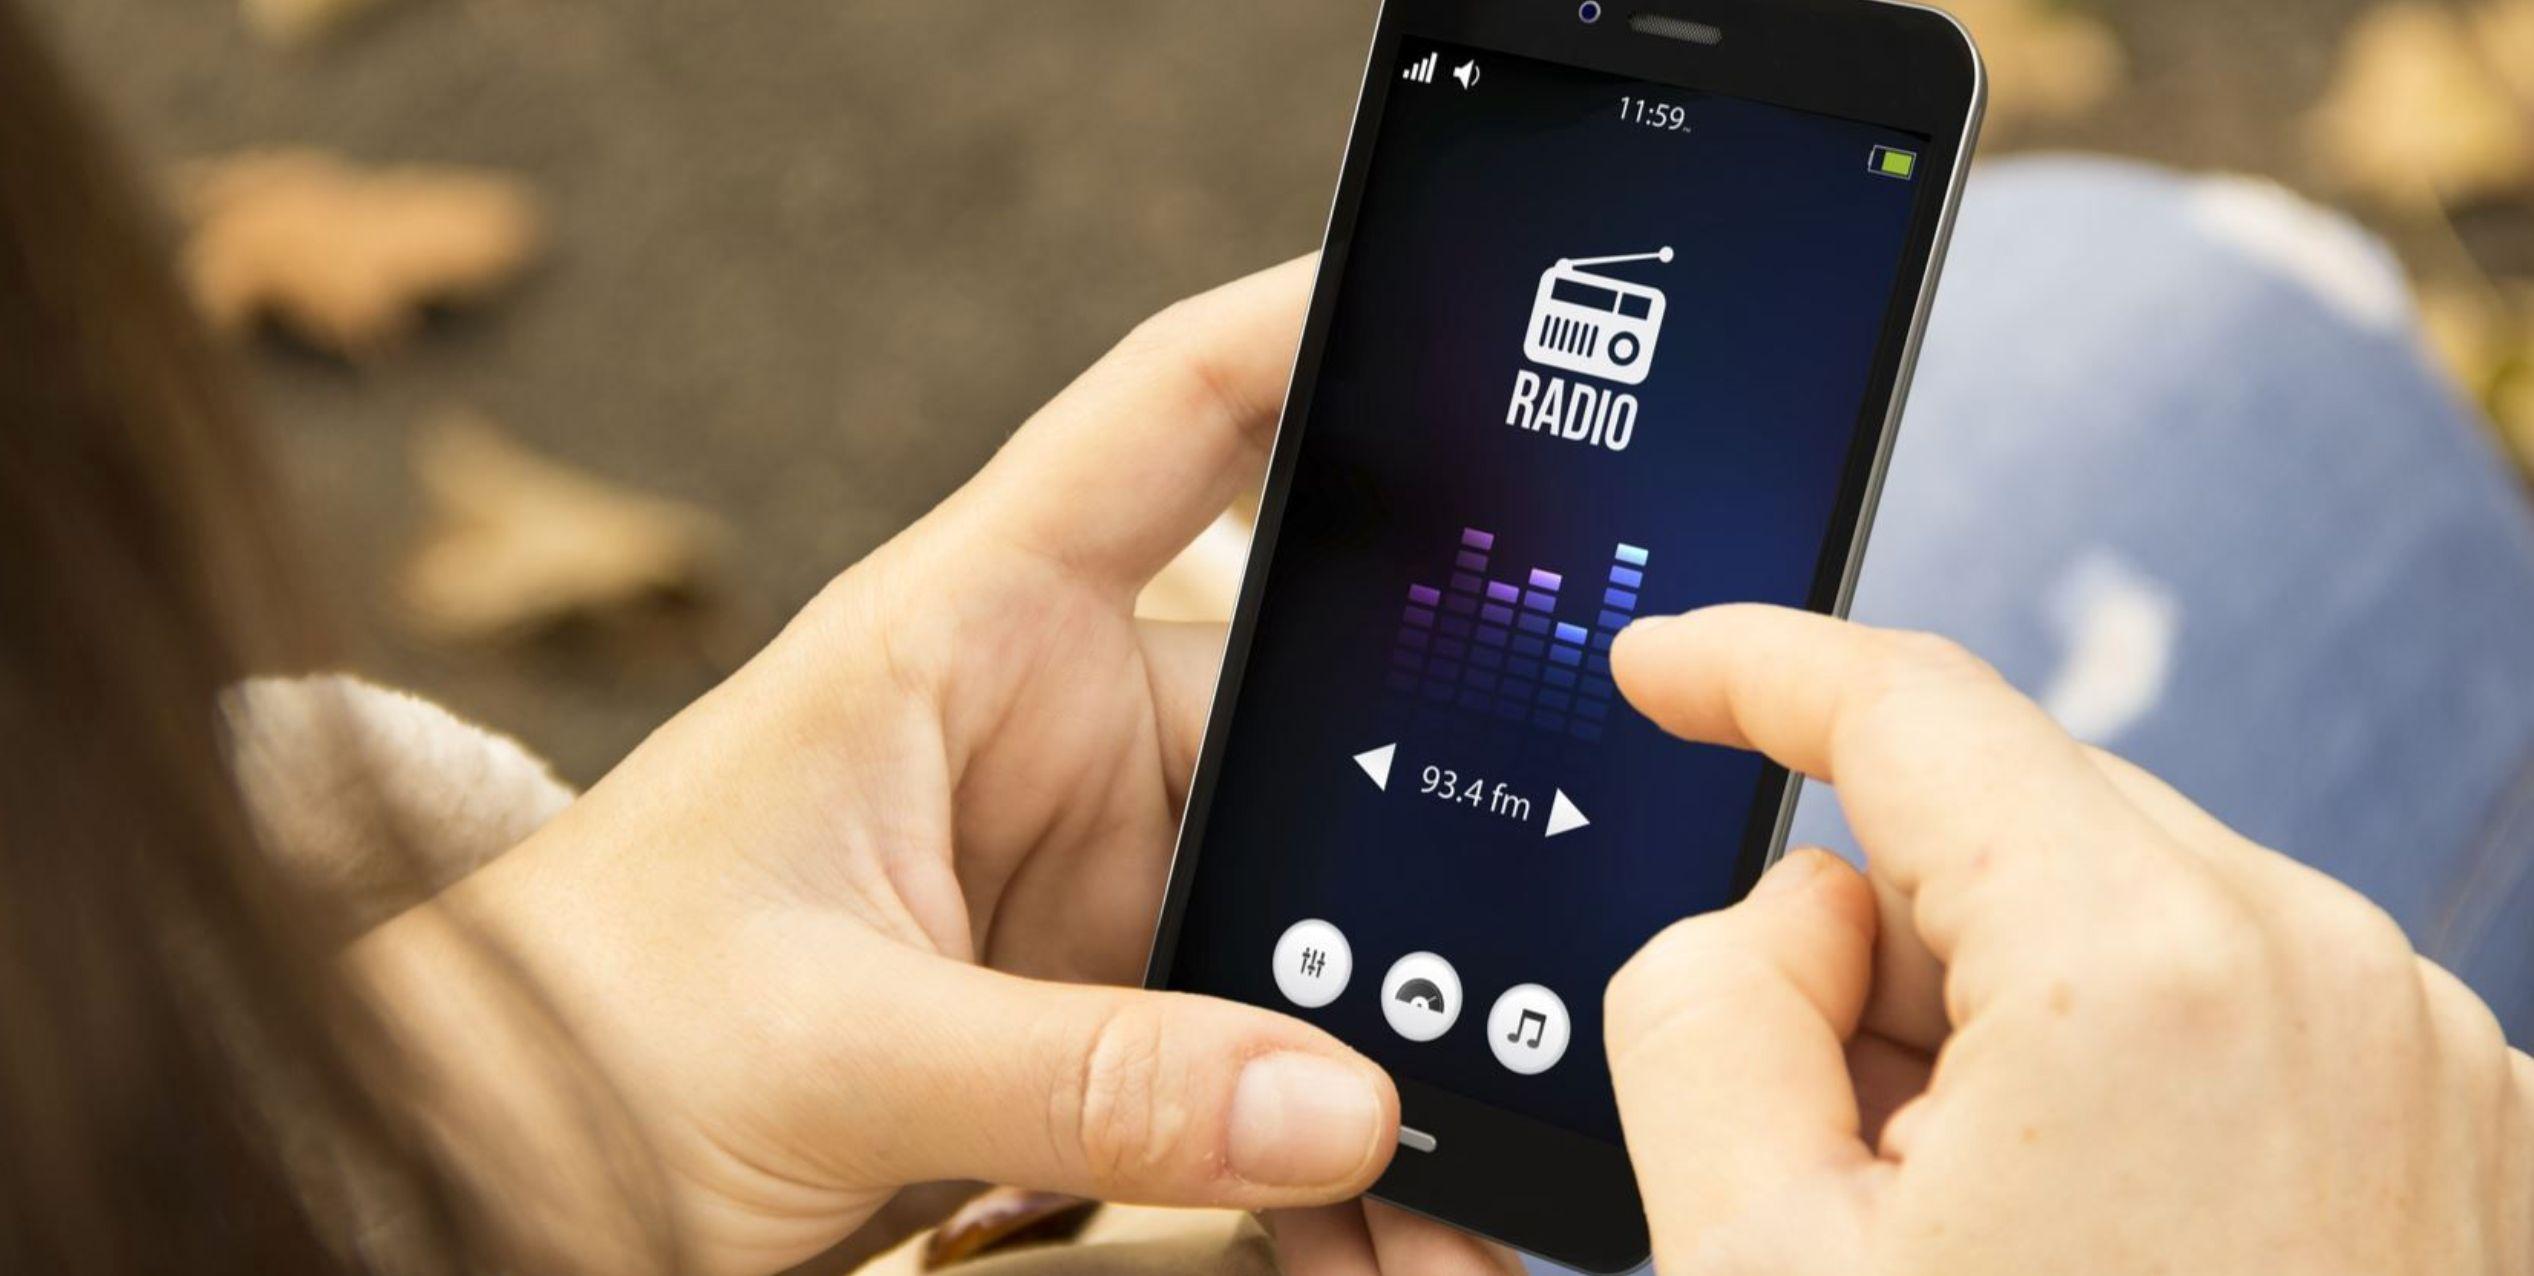 Möglichkeiten des IP-Radios